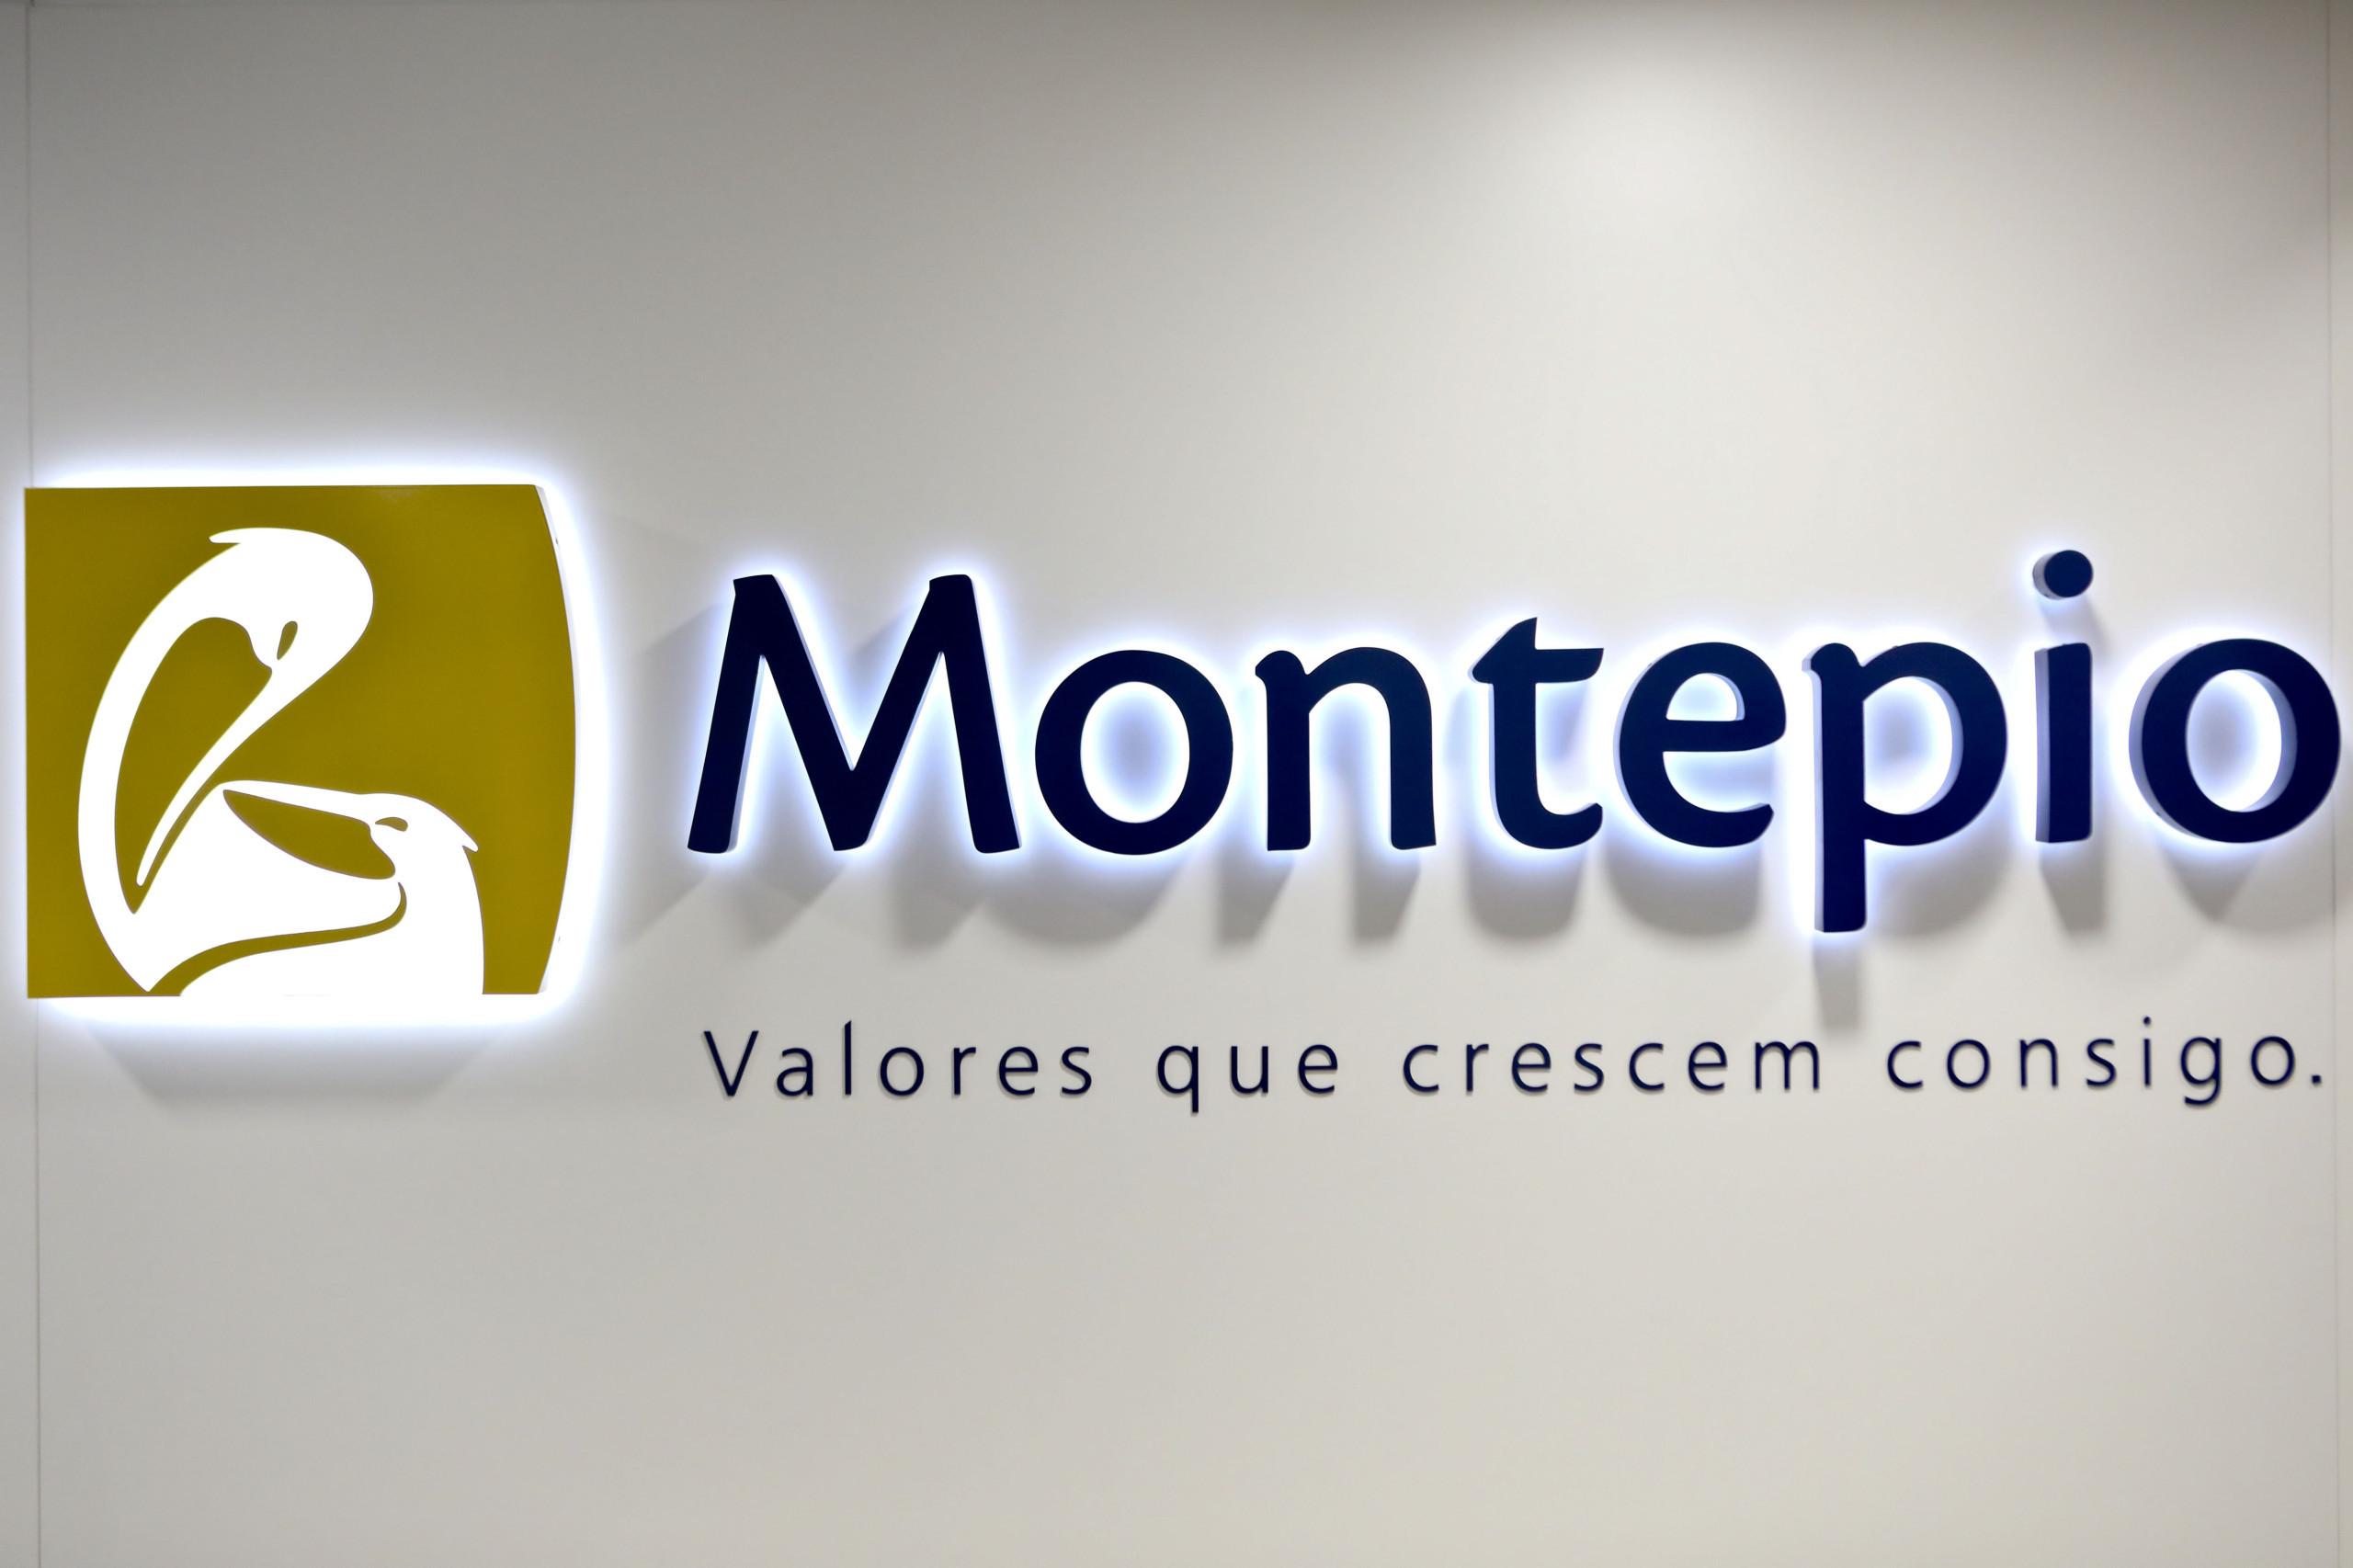 Dulce Mota na presidência do Montepio, Carlos Tavares passa a chairman